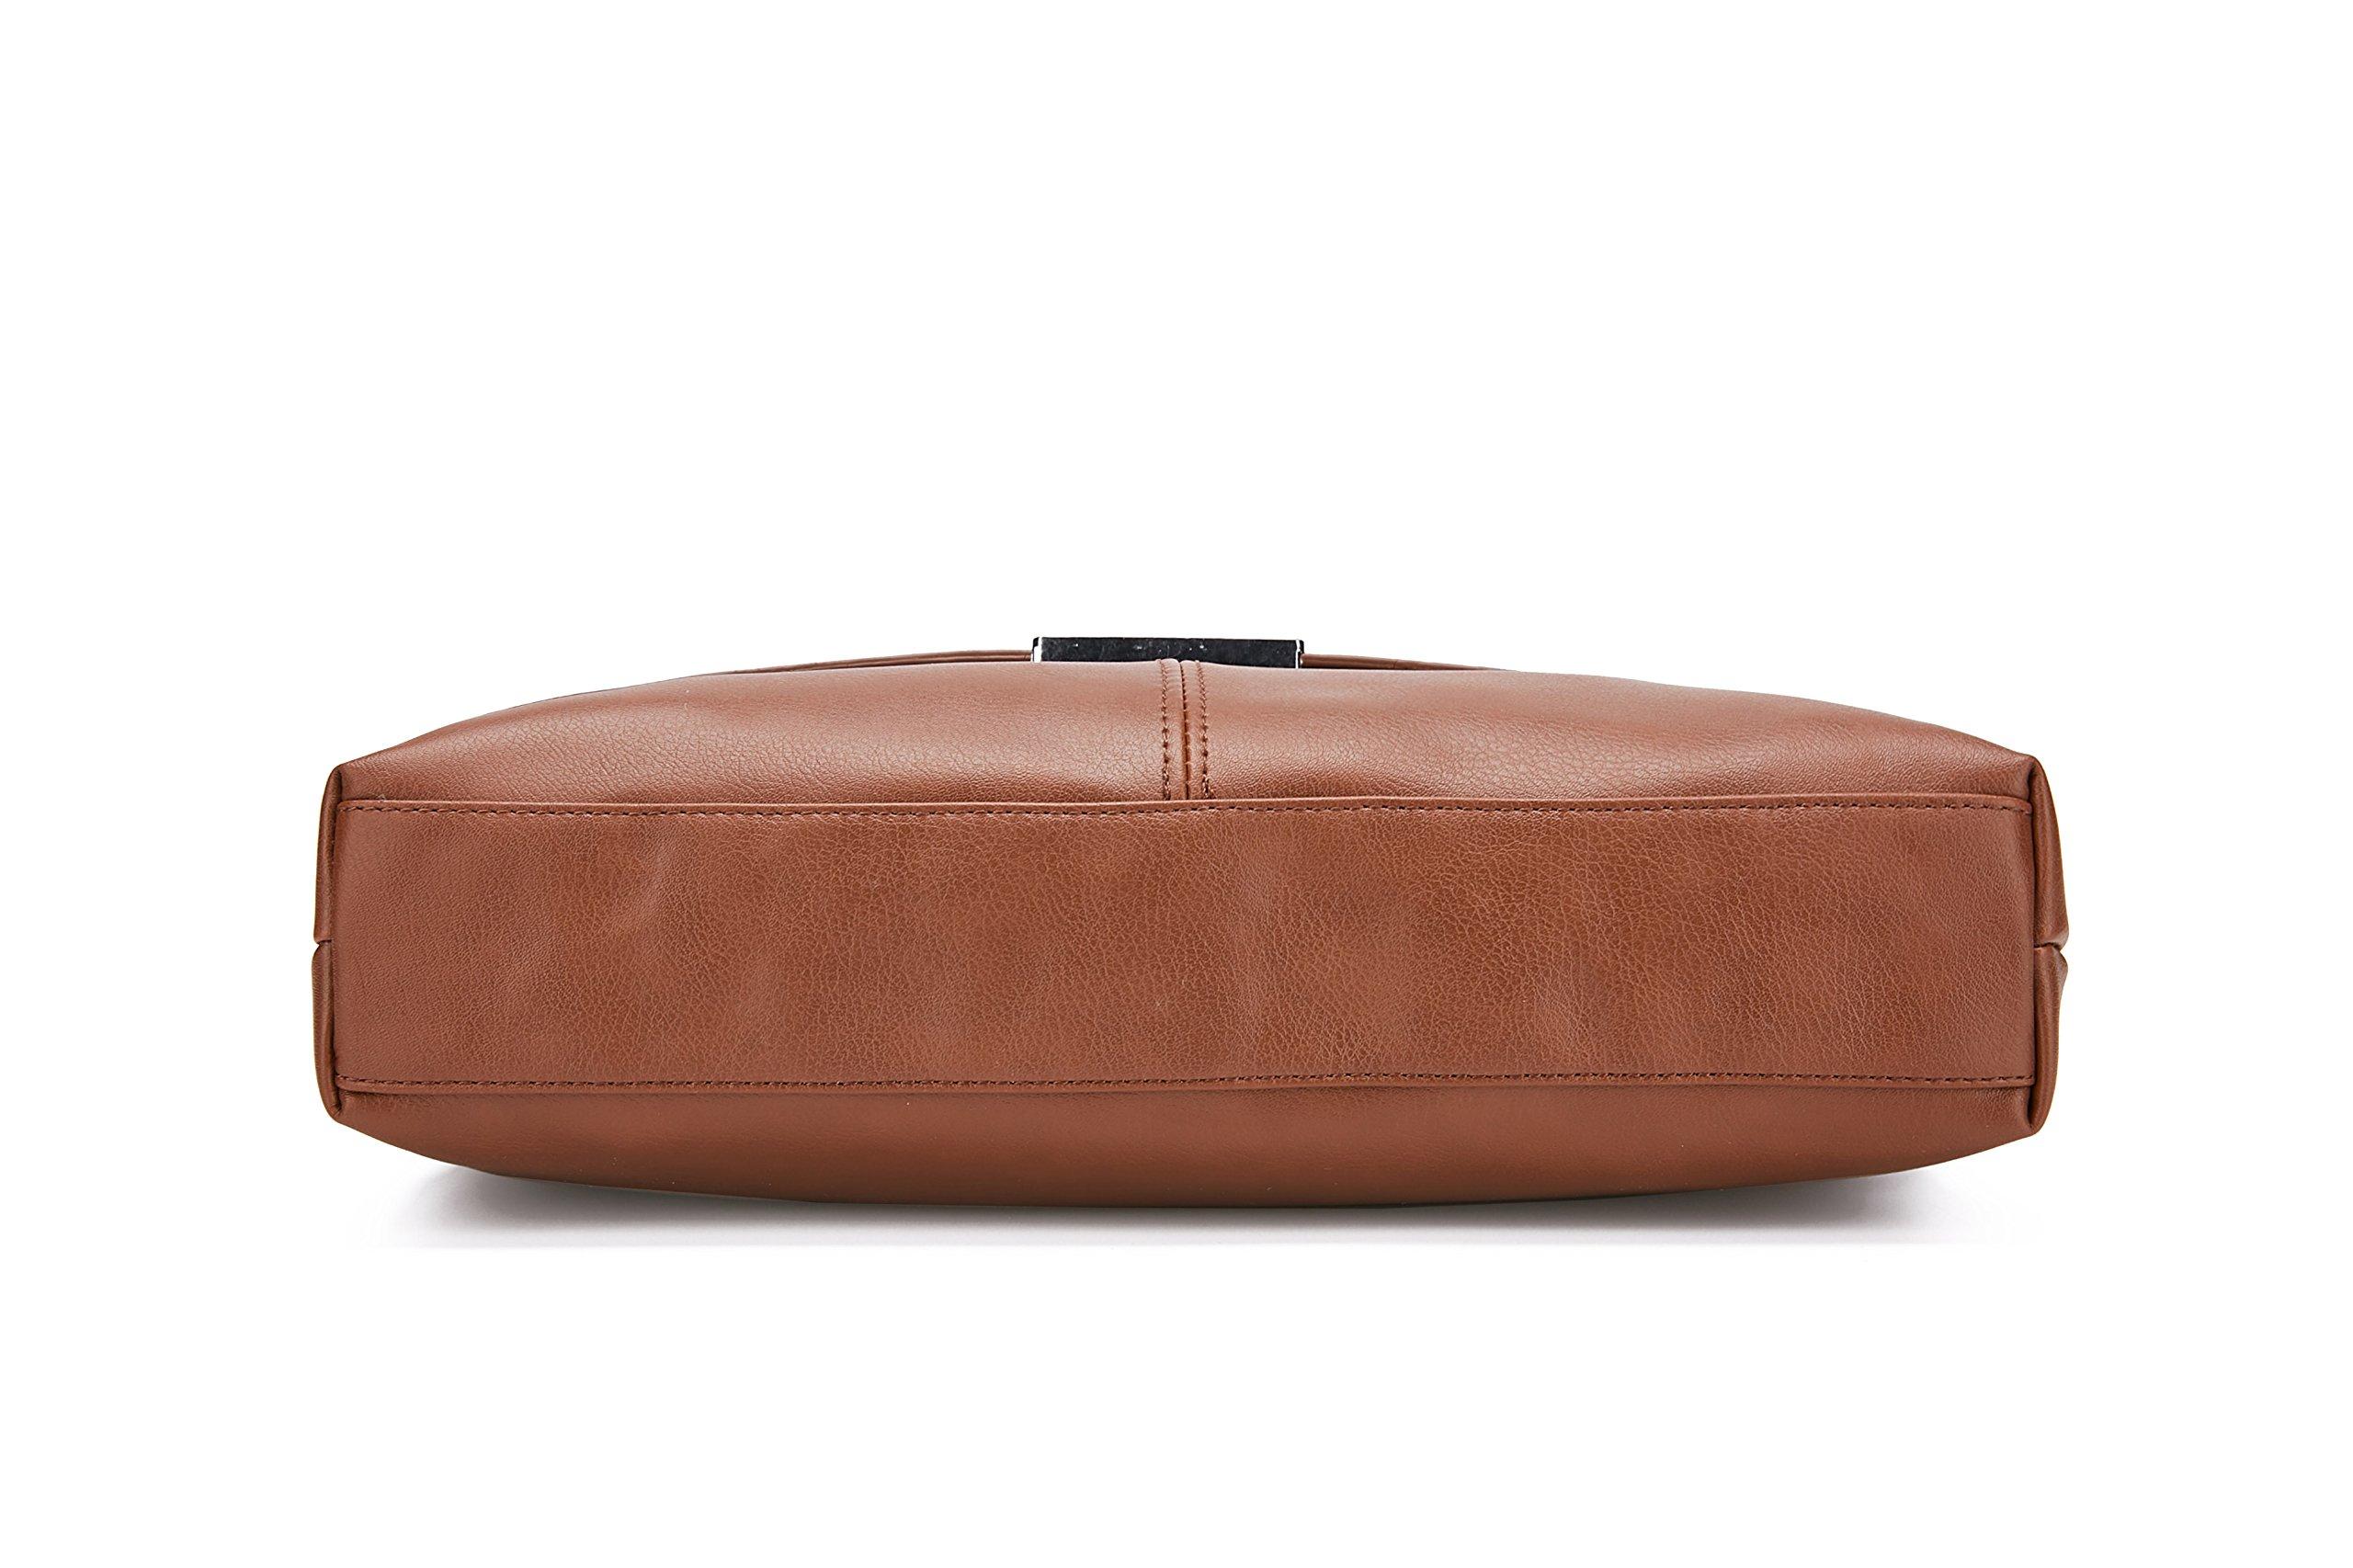 81sVtTNKEwL - Maod Cuero Suave Bolso Mensajero del Bandoleras Hombre Vintage maletin portatil Color Sólido Bolso Negocio Maletín…